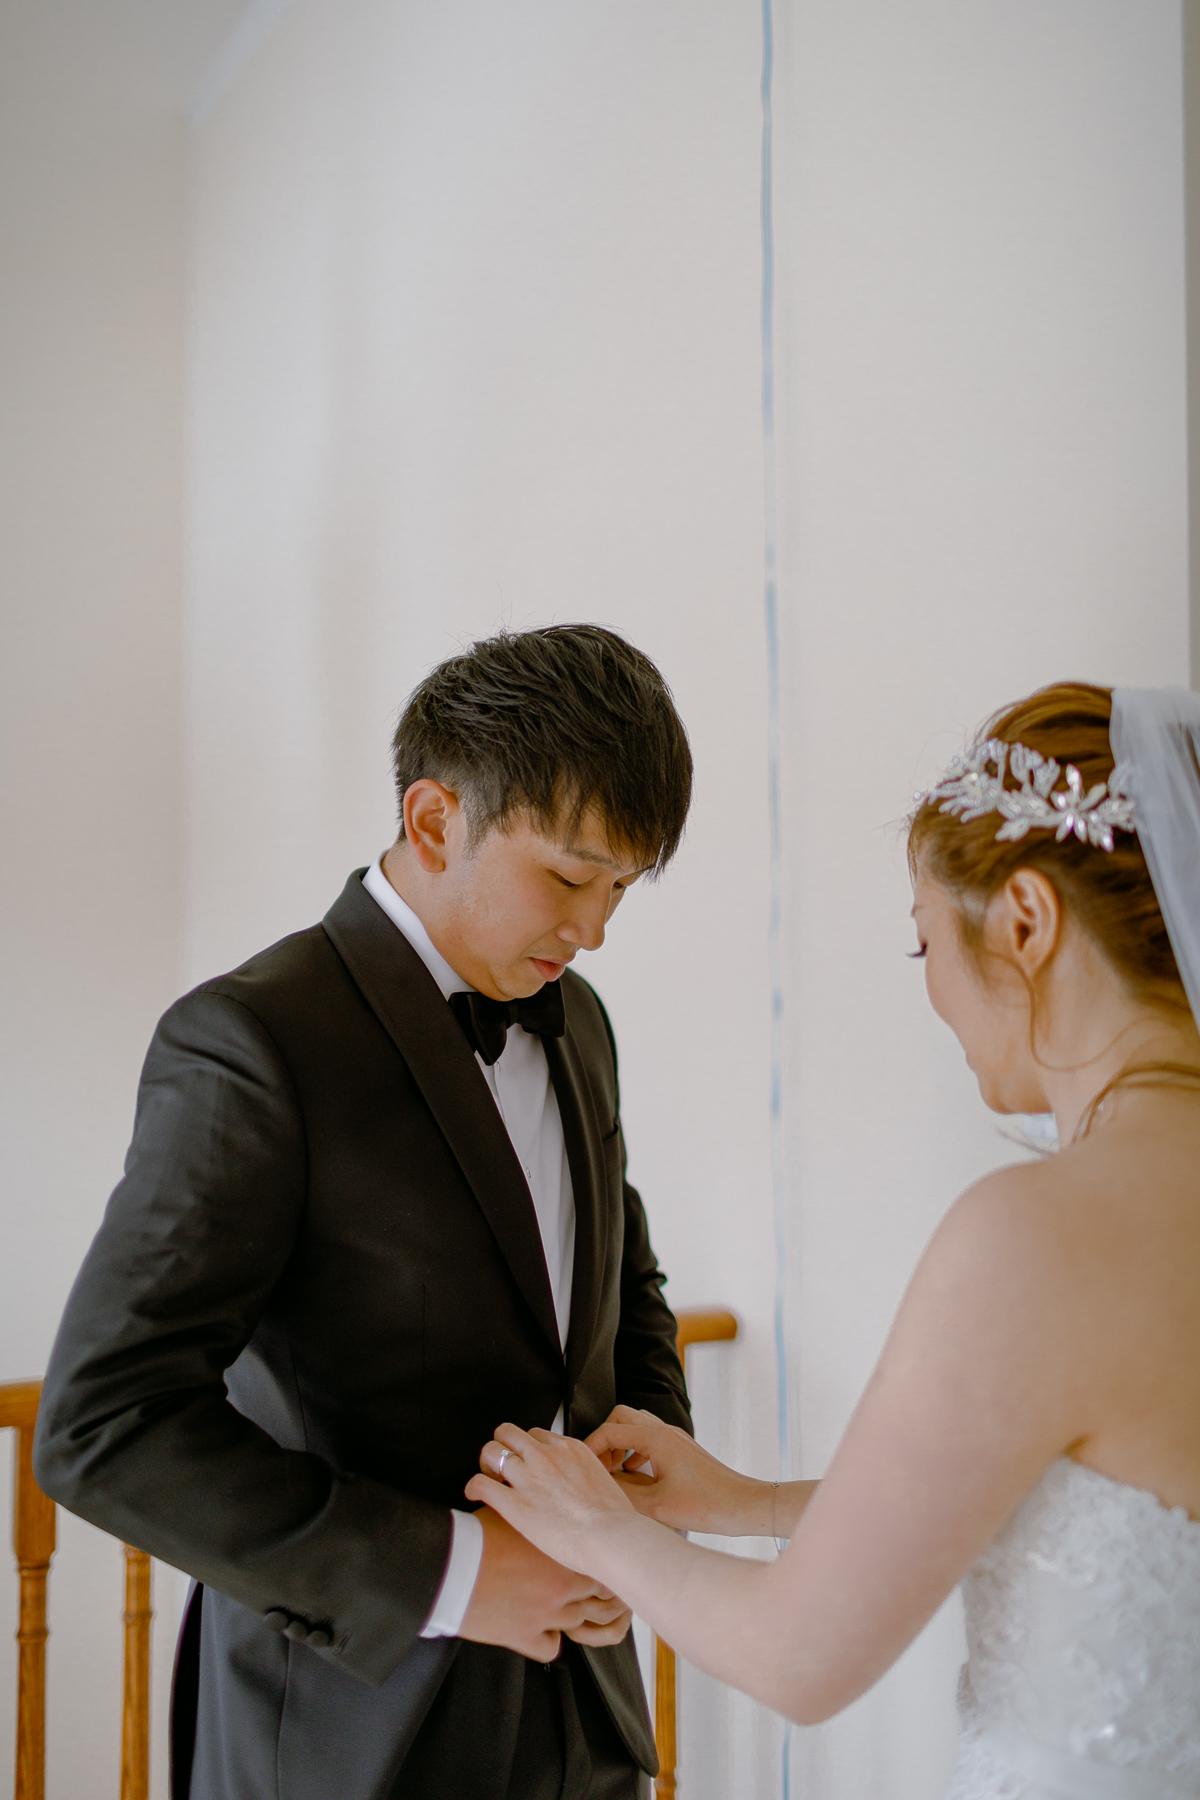 markham-wedding-photography-markham-museum-wedding 0013.jpg